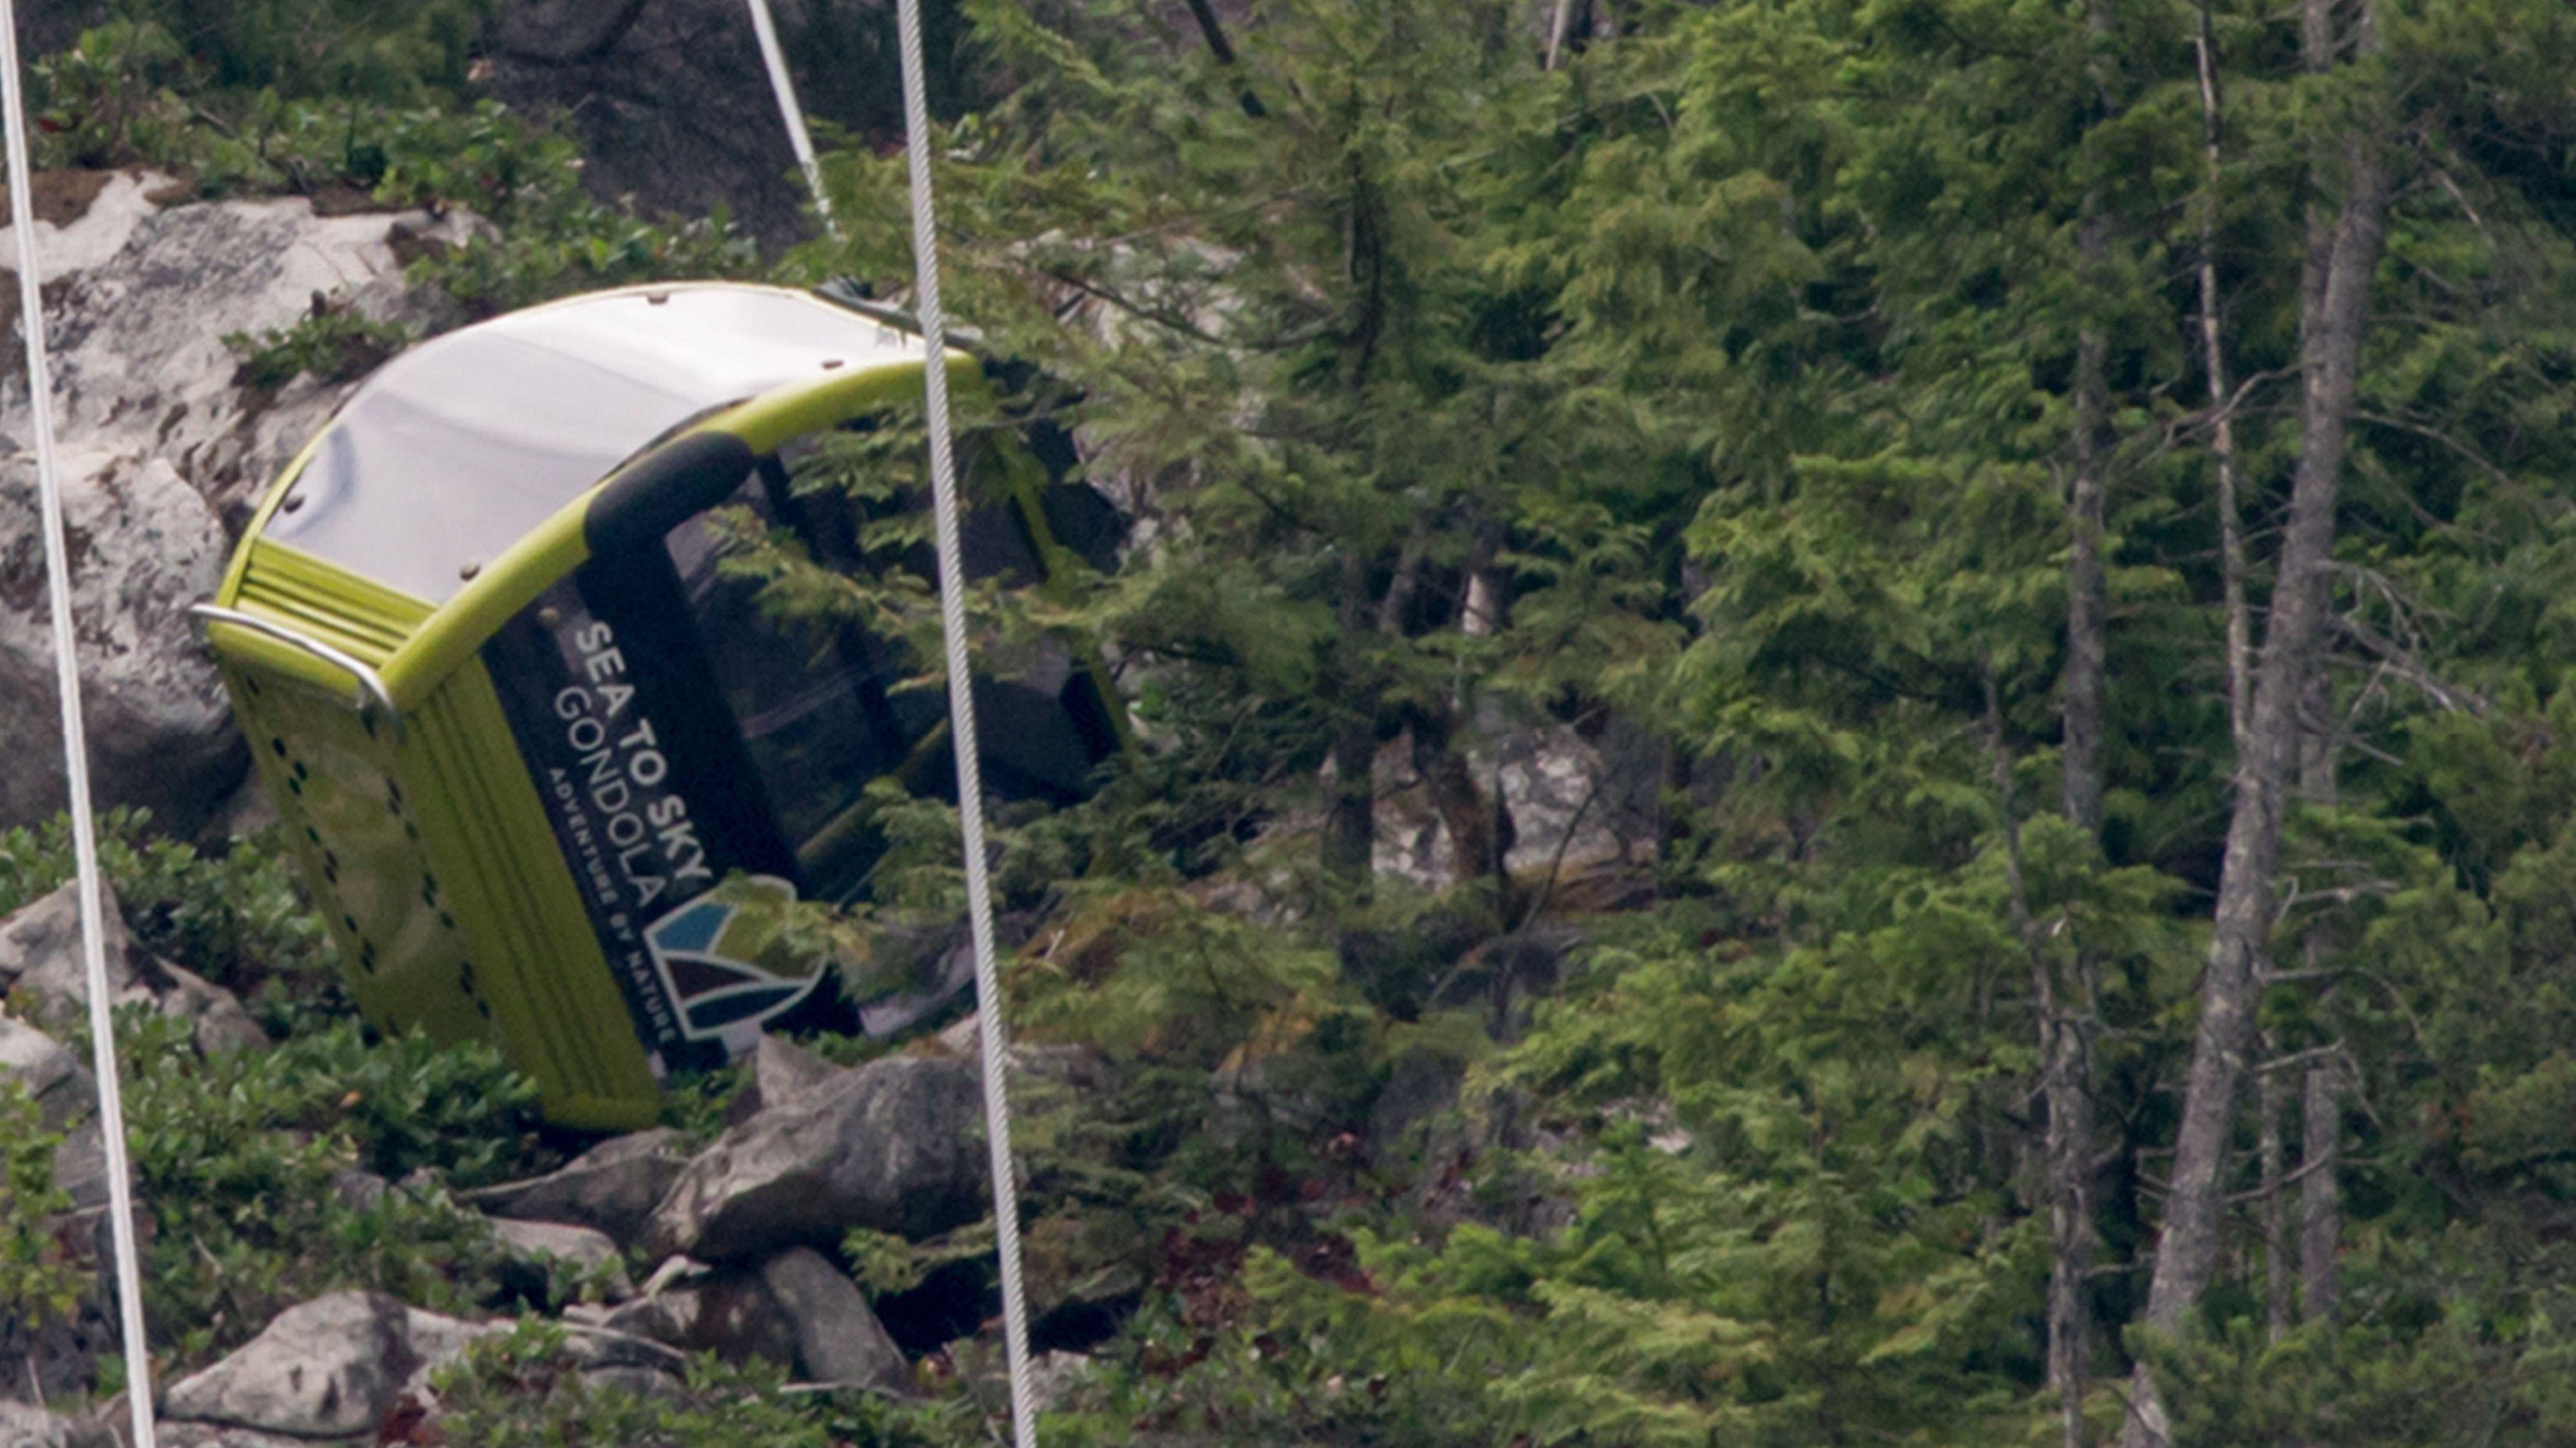 Einen Godel liegt im Gelände in nSquamish